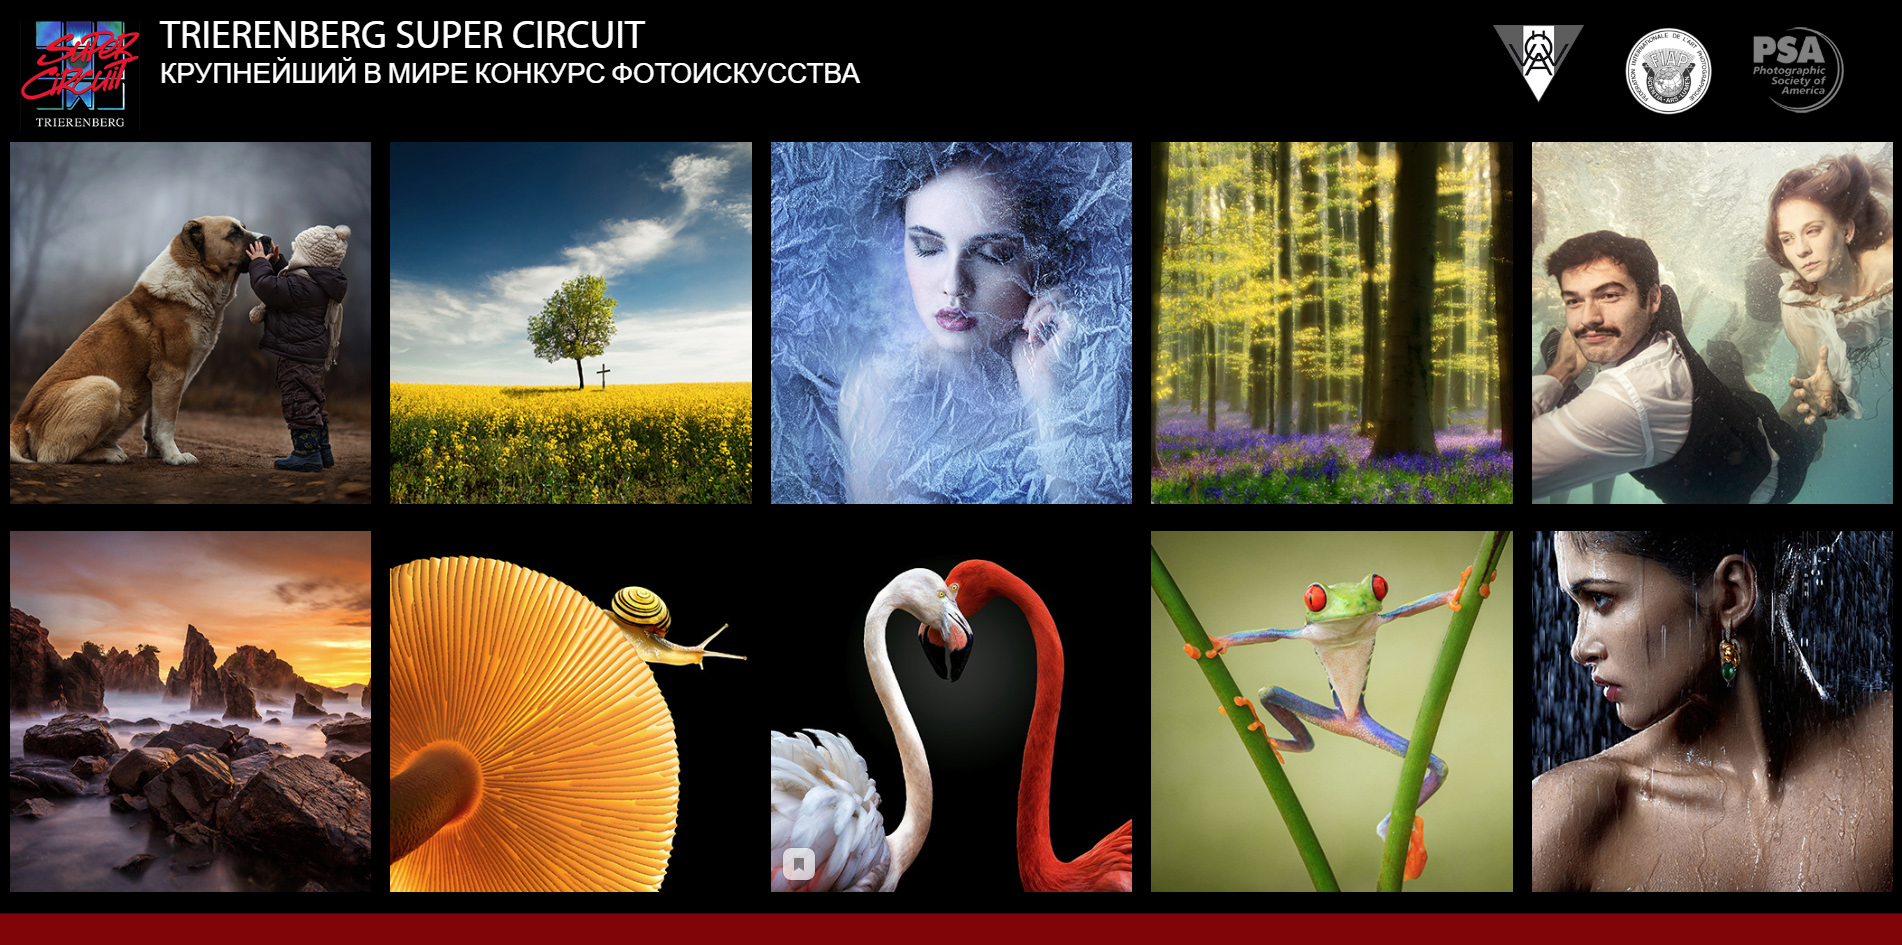 На конкурсе XXVIII Trierenberg Super Circuit коллекция работ южноуральских фотографов, состоящая